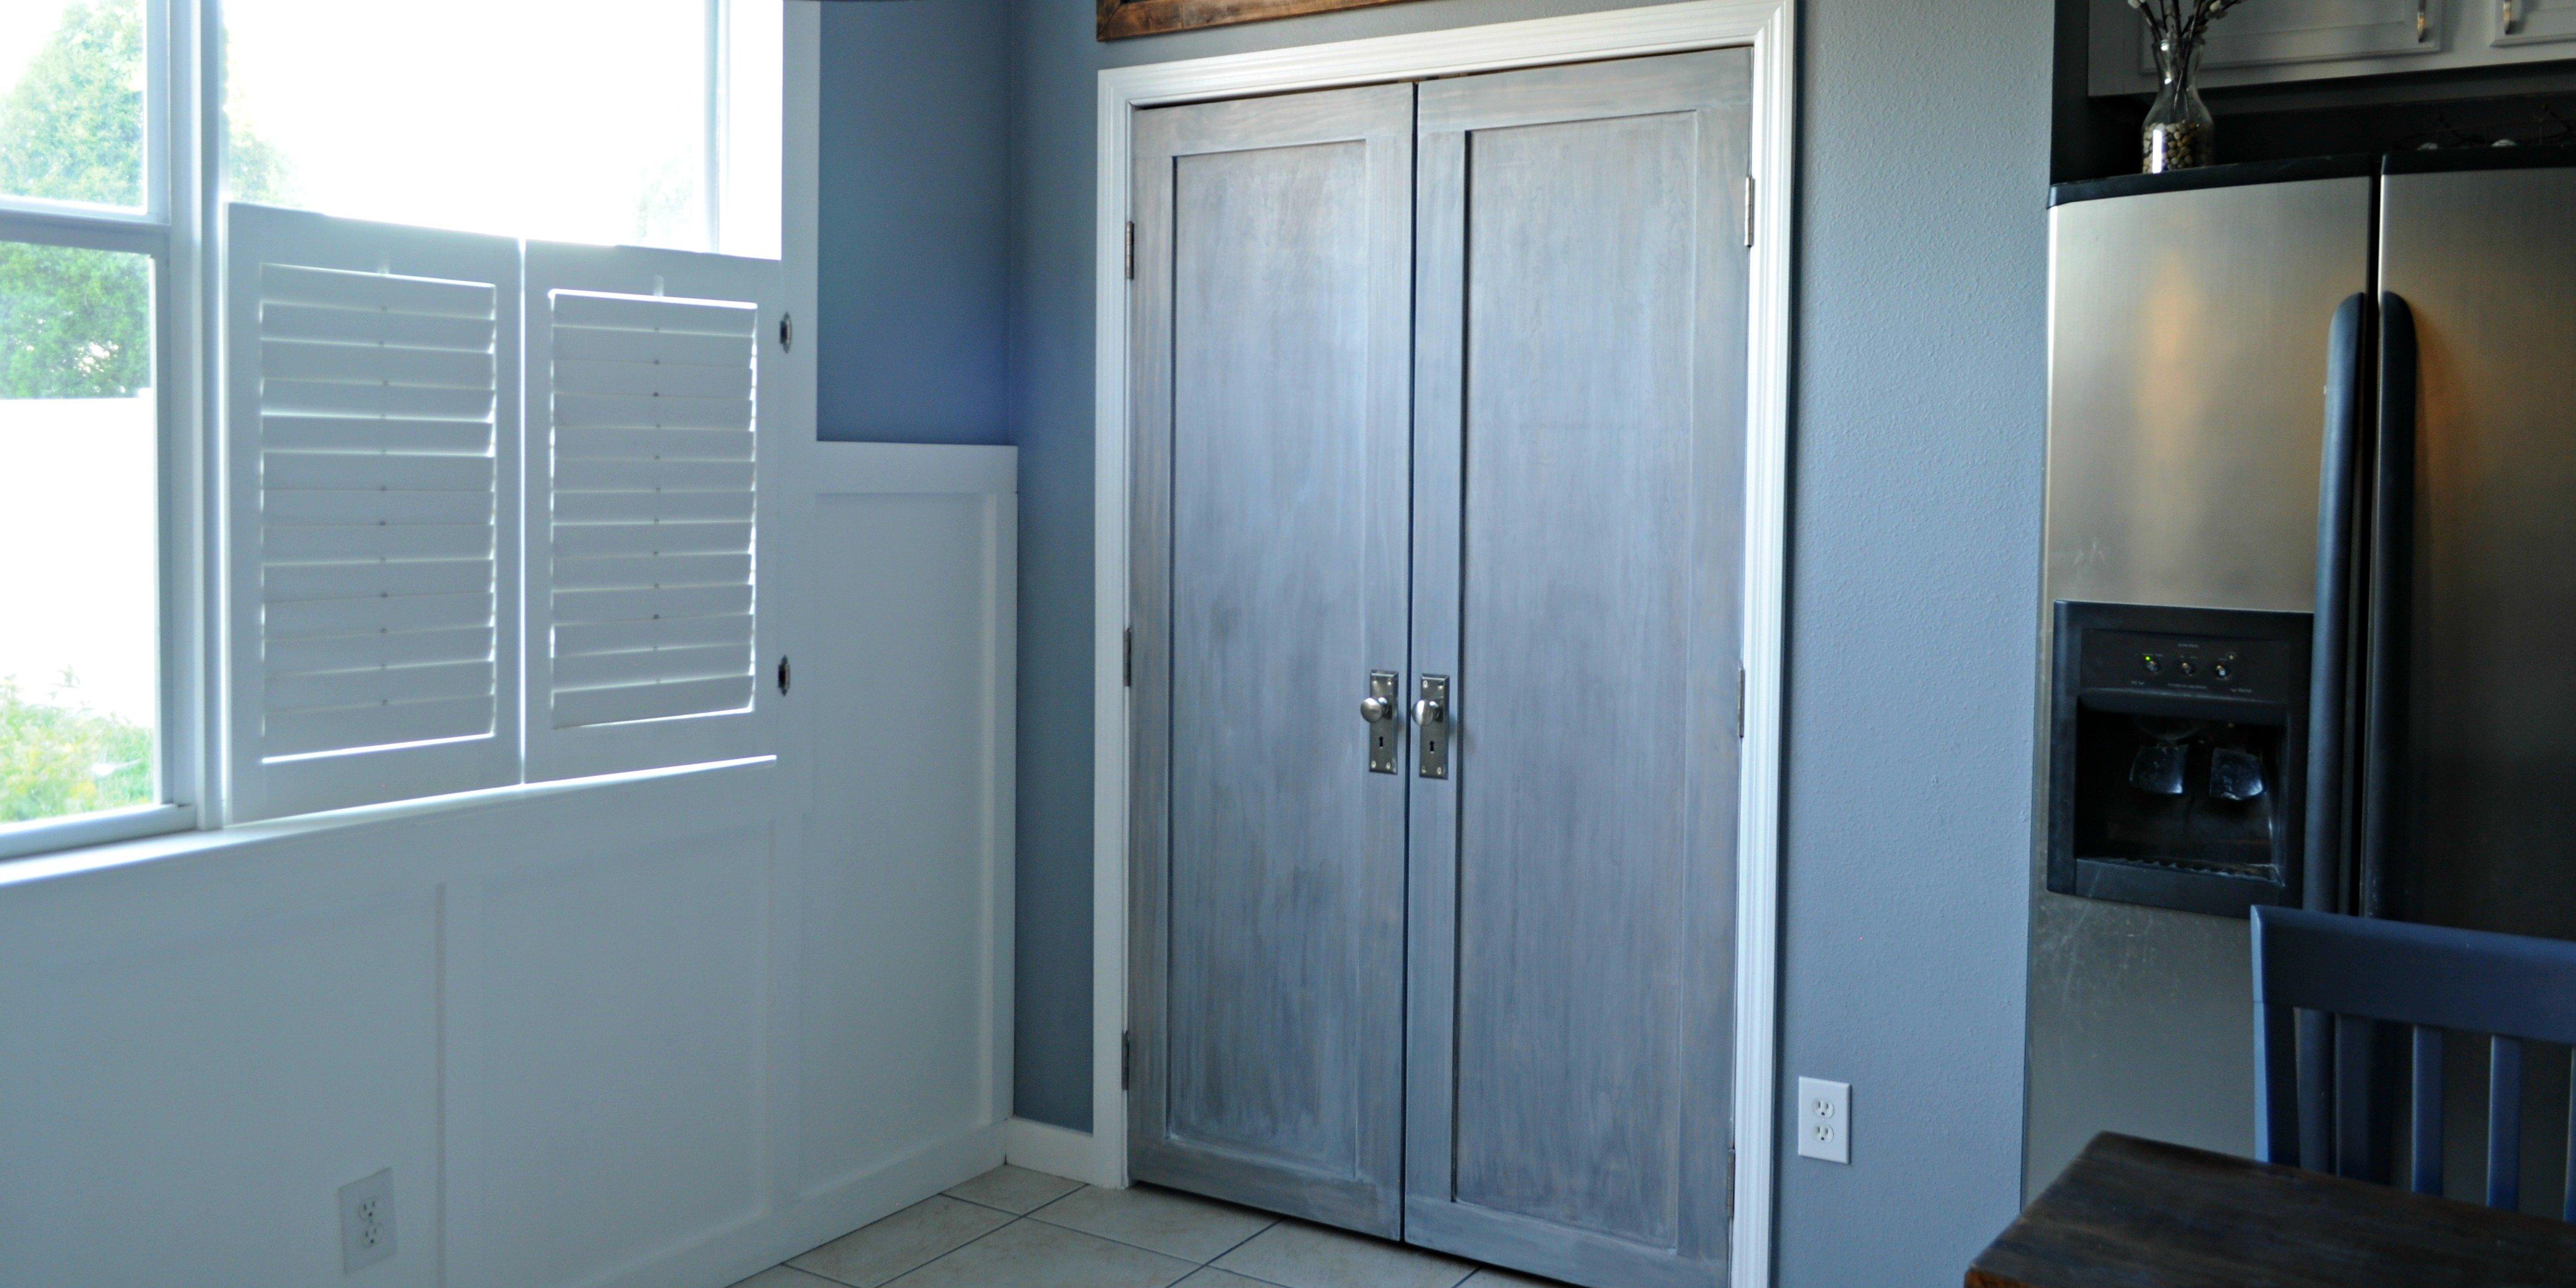 Remodelaholic | Bifold Door Makeover into French Doors